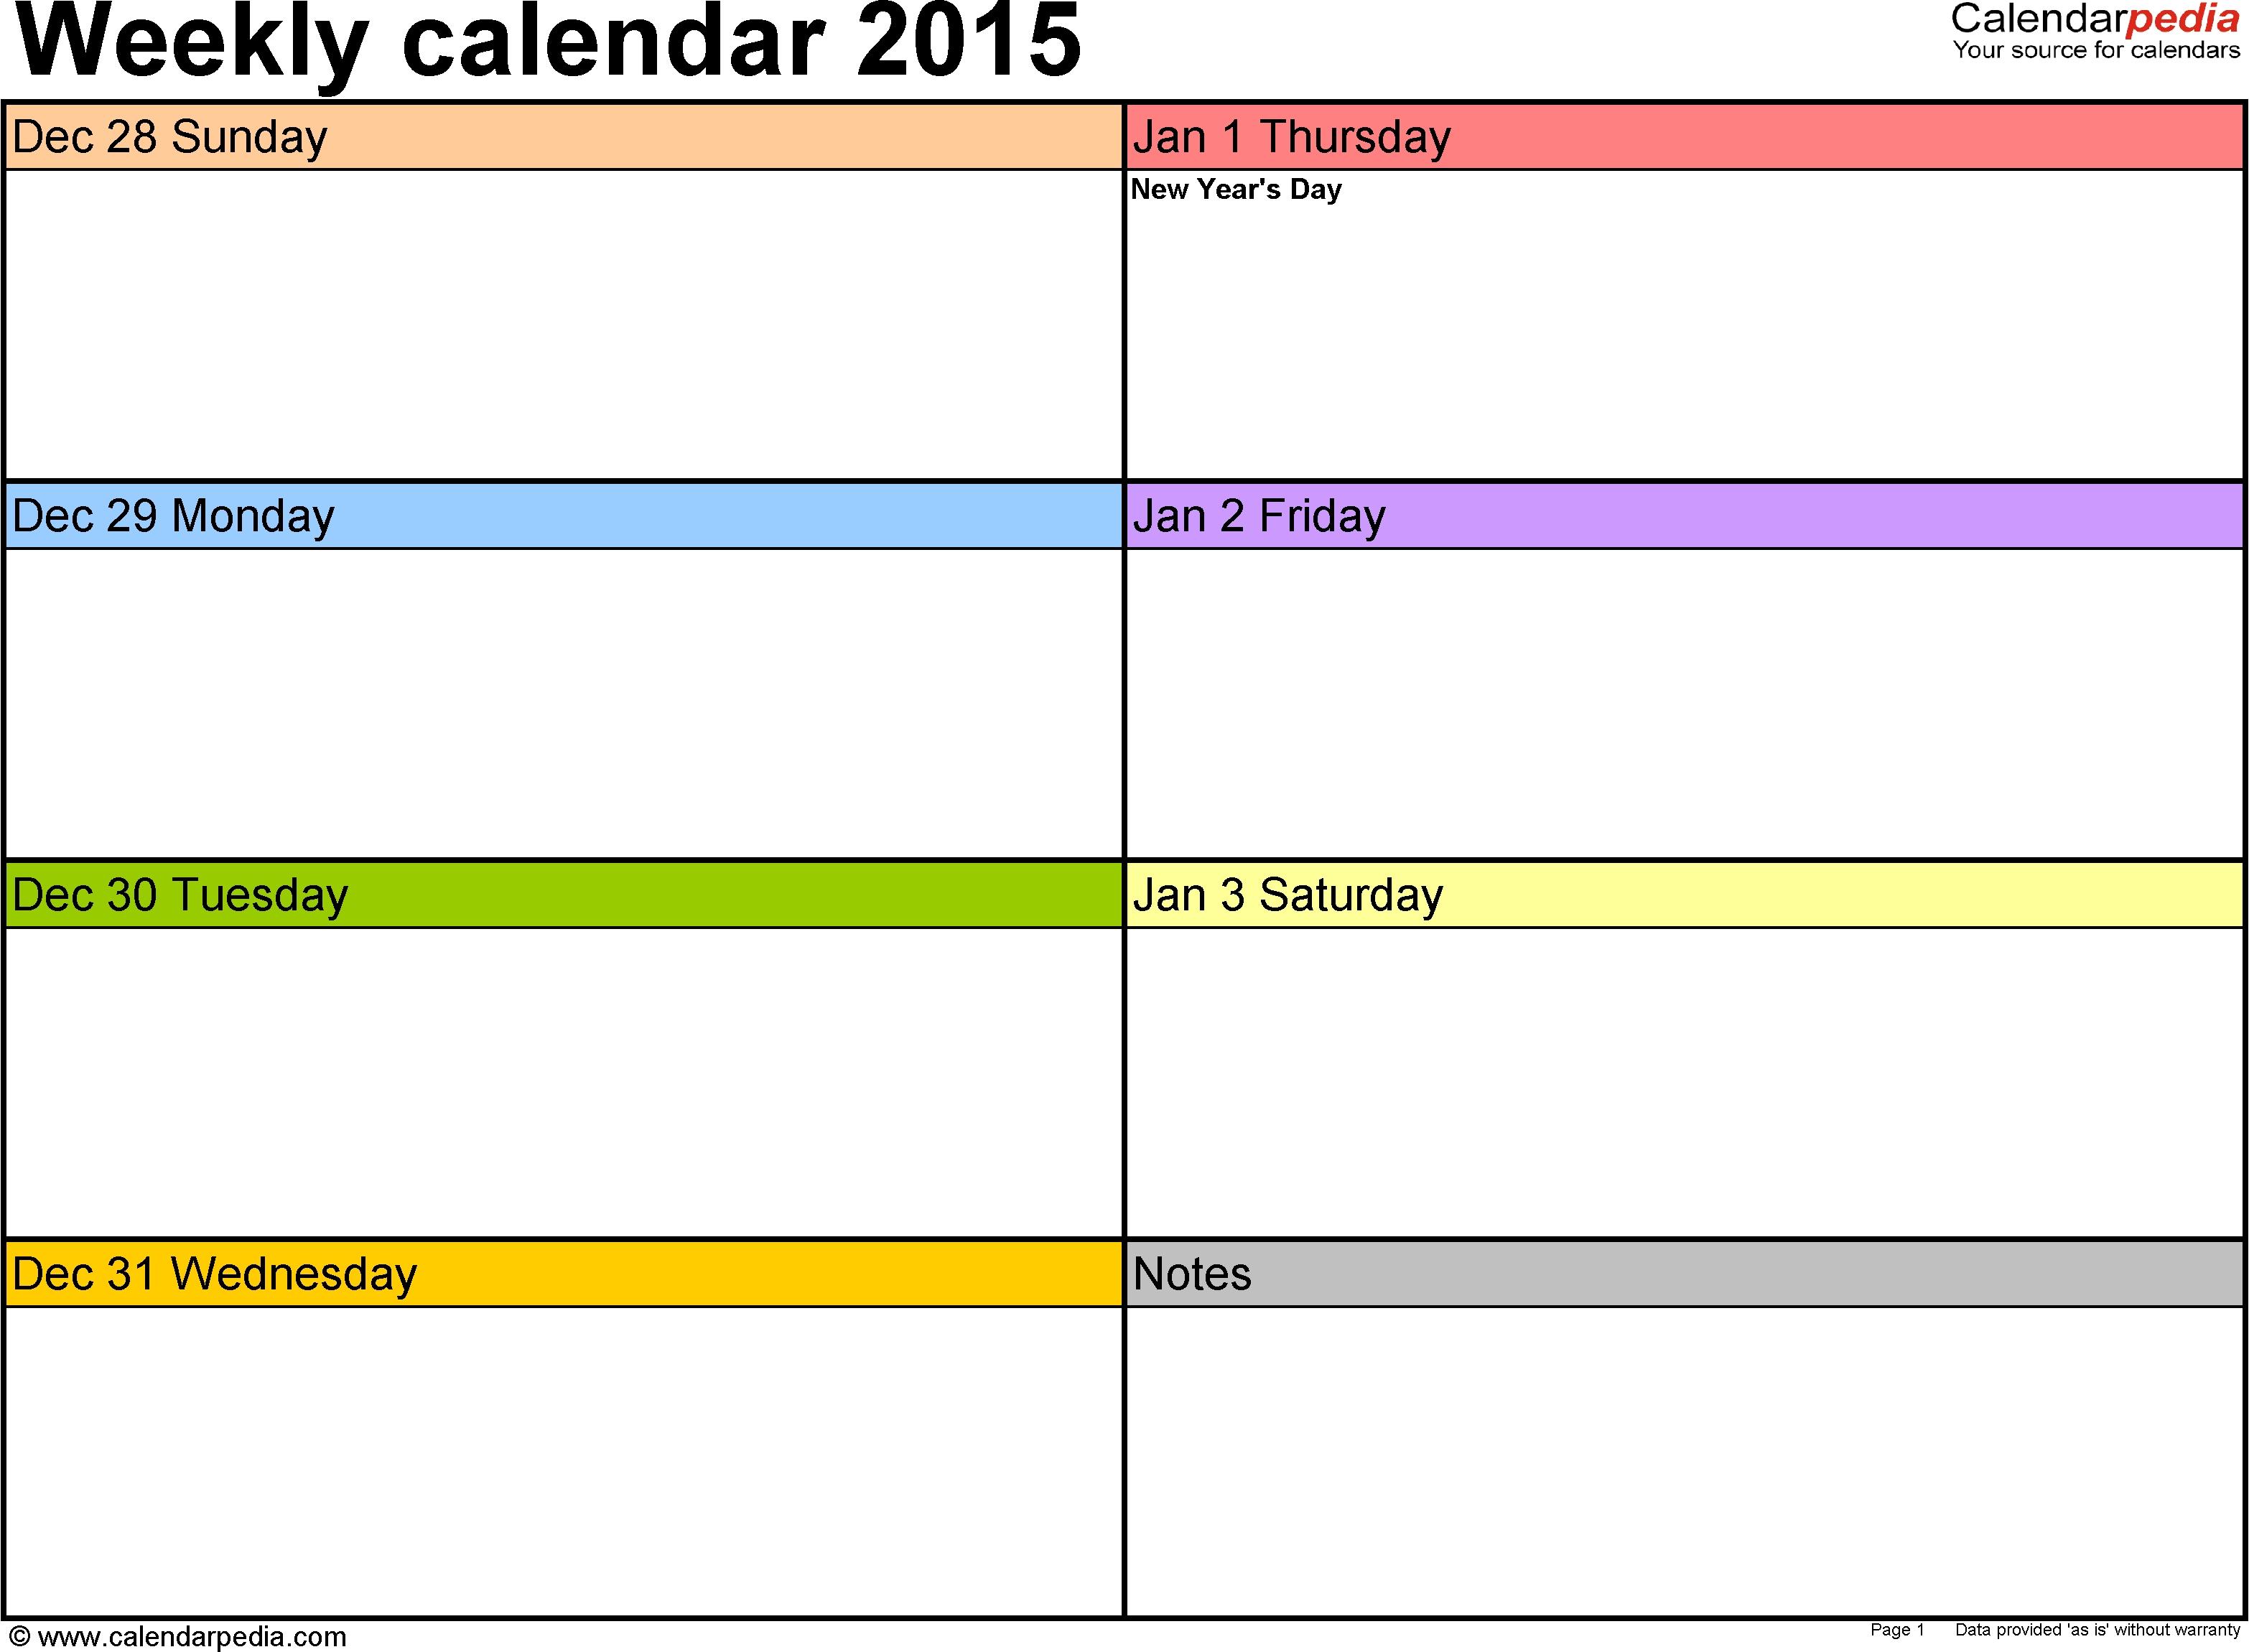 Weekly Endar For Excel Free Printable Templates Schedule Template in Free Weekly Calendar Templates Printable